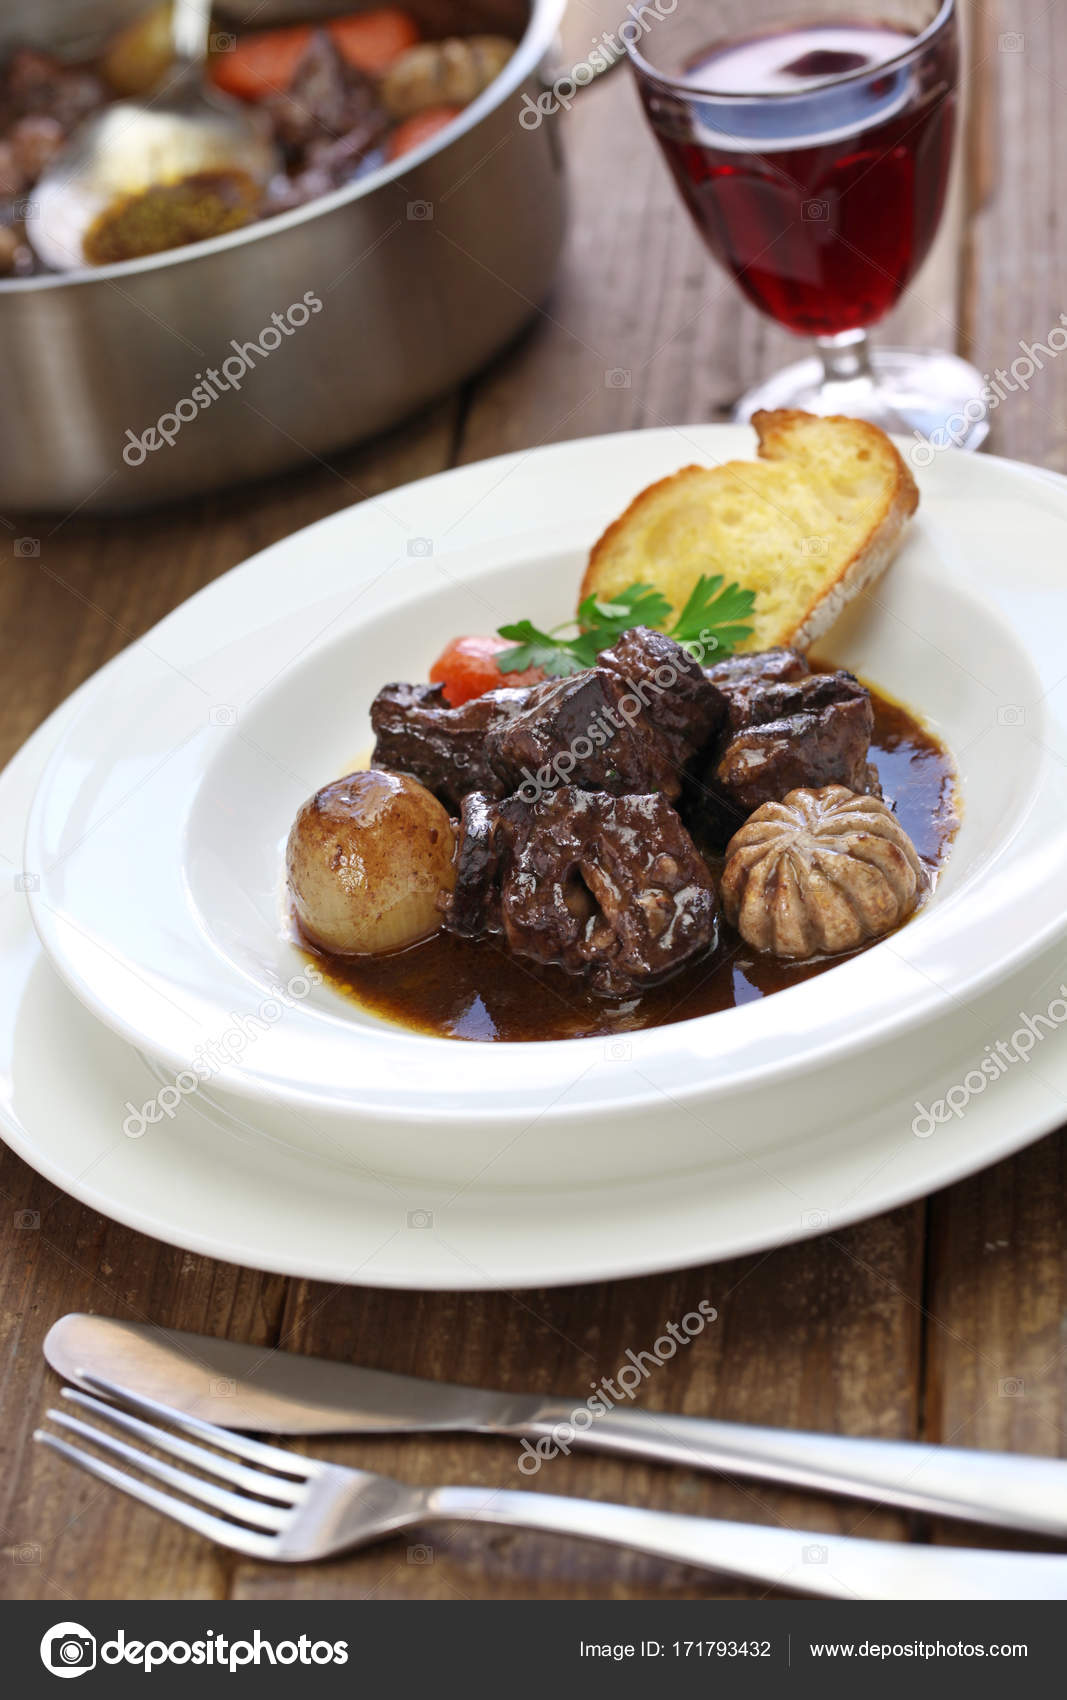 Говядина Беф Бургиньон: рецепт приготовления традиционного блюда французской кухни